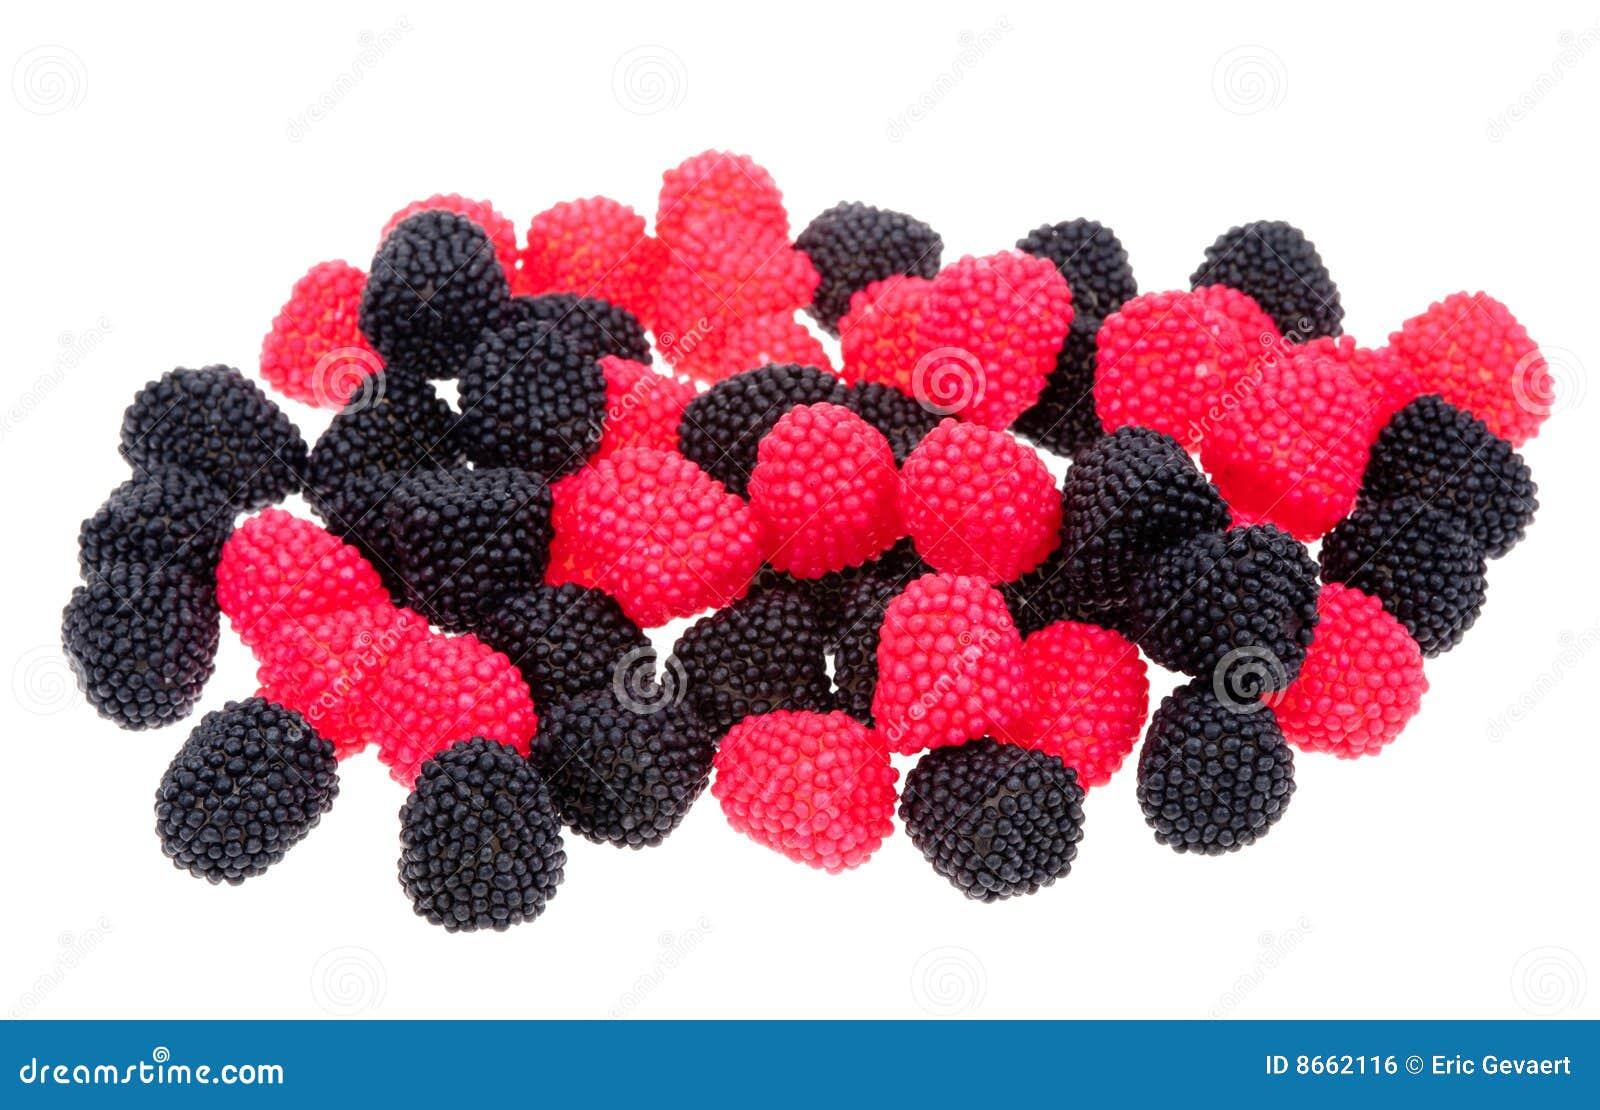 Le rouge noir de sucreries de baie a formé